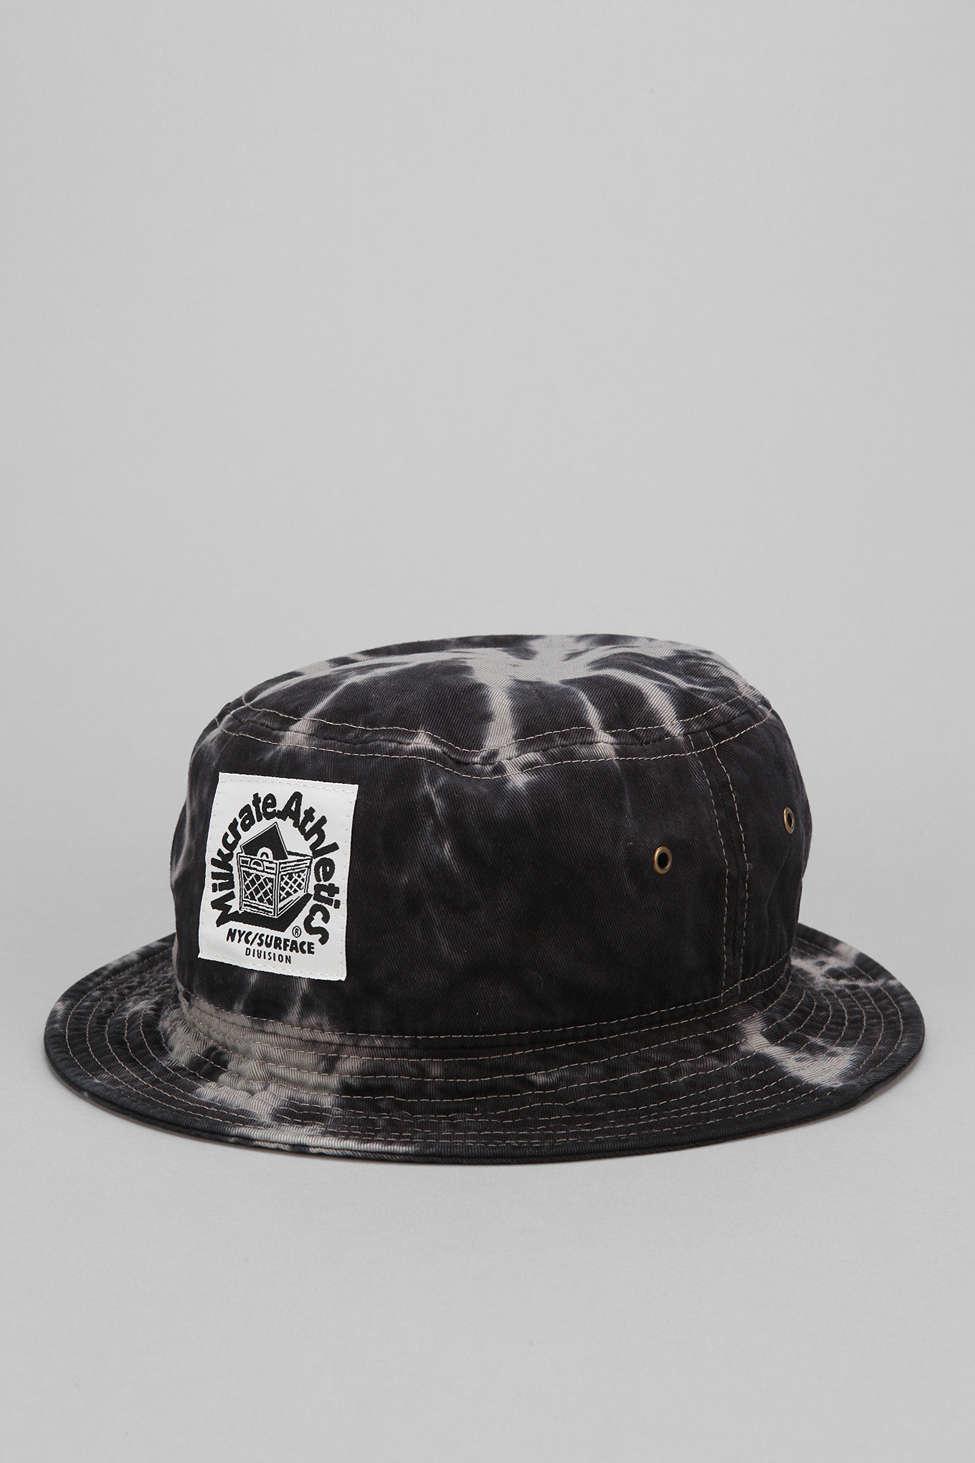 Lyst - Milkcrate Athletics Grey Tie-dye Bucket Hat in Gray for Men 6f138f11add5